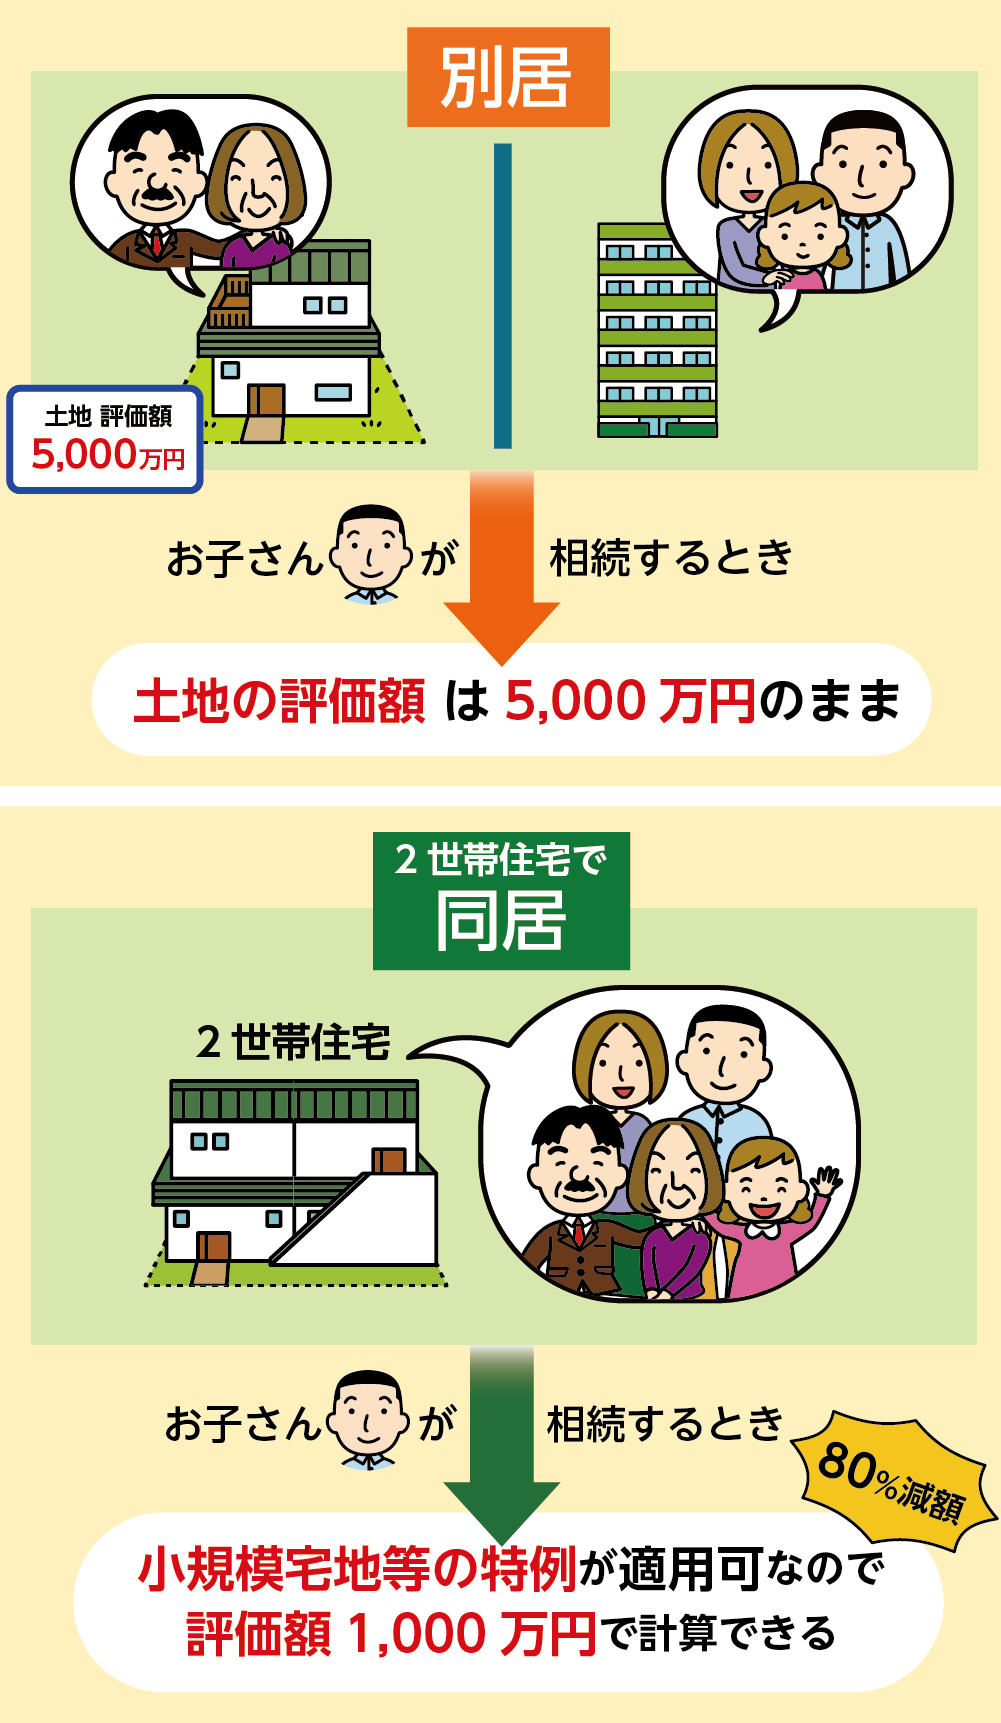 小規模宅地等の特例を使うことで土地の評価が80%減額される